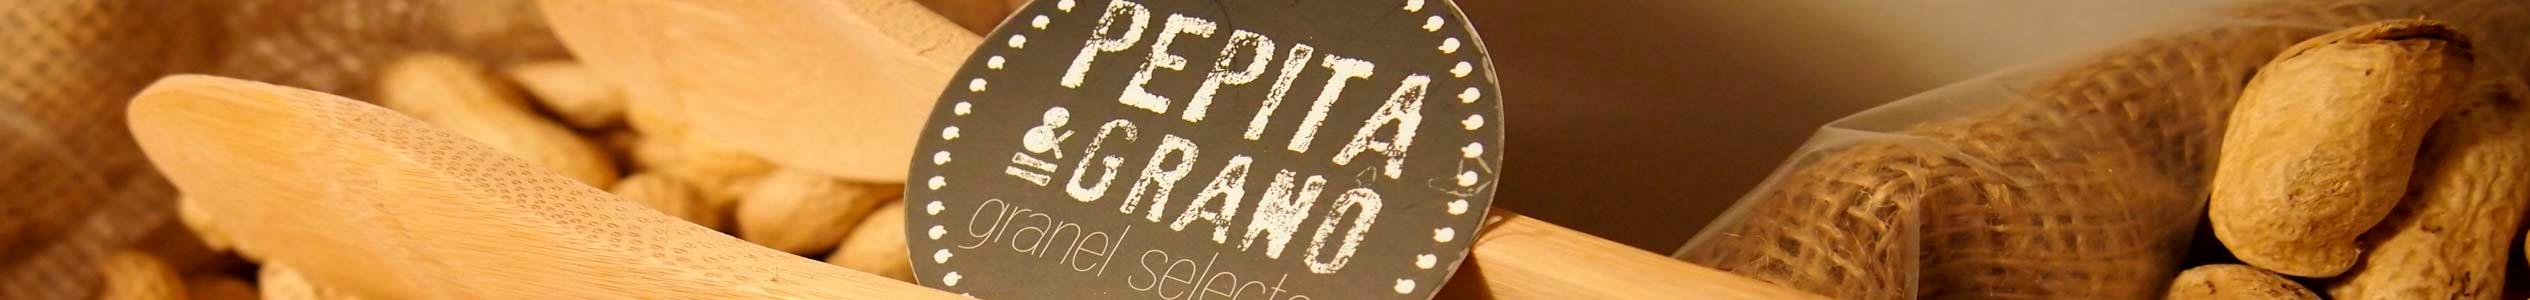 Pepita y grano, confía en CástorRetail para gestionar sus tiendas